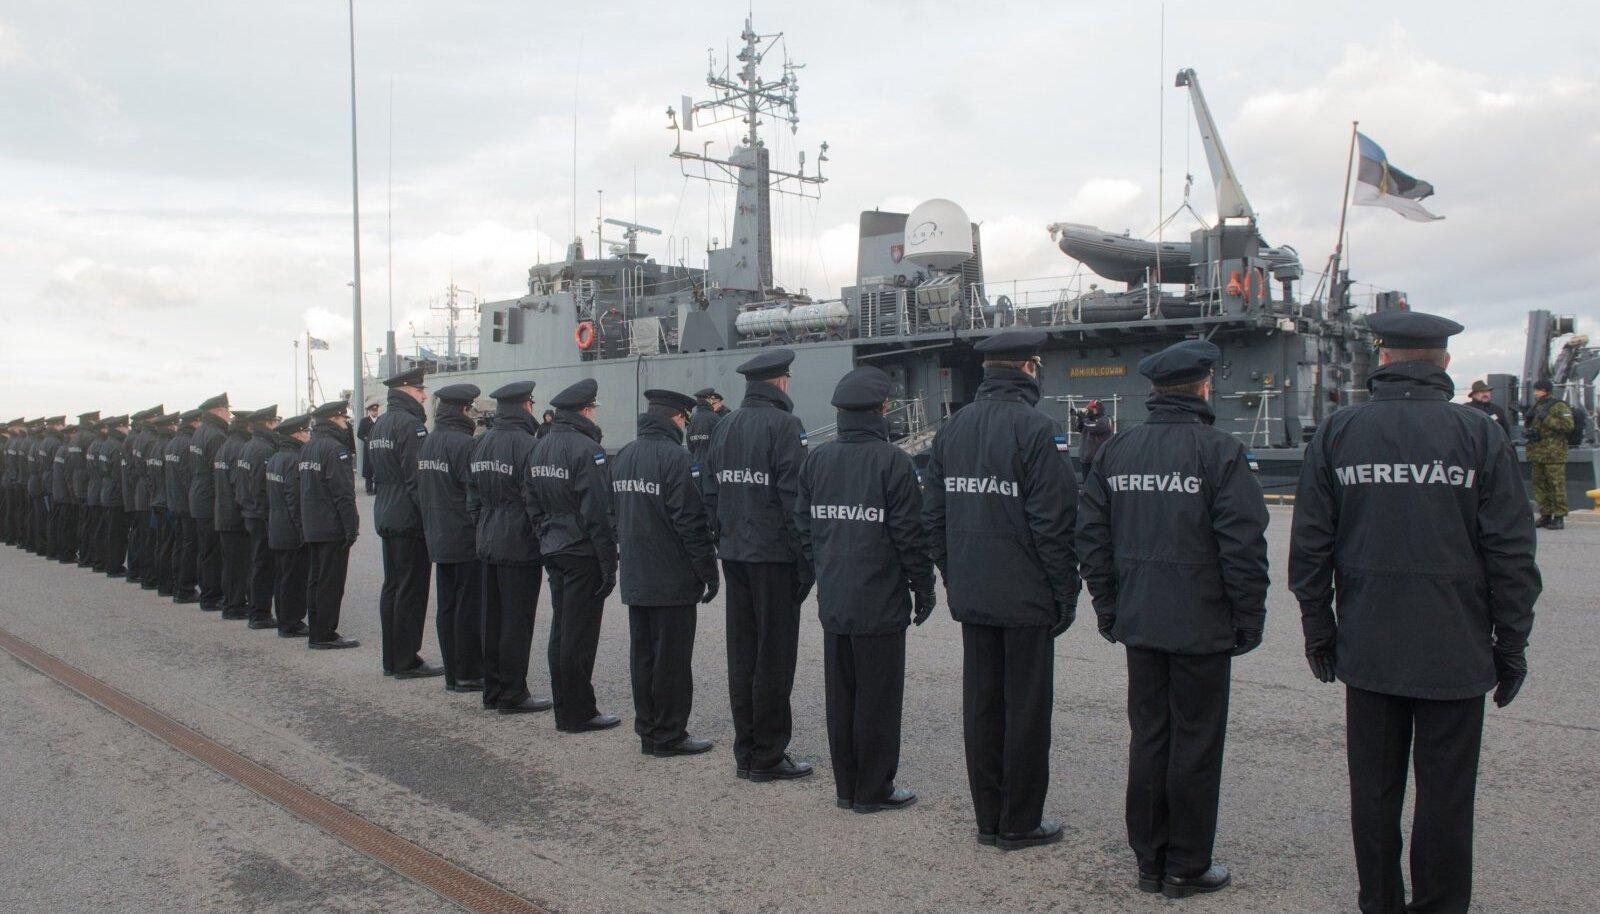 Neli kuud NATO  miinitõrjegrupis teeninud miinijahtija Admiral Cowan saabus koju.